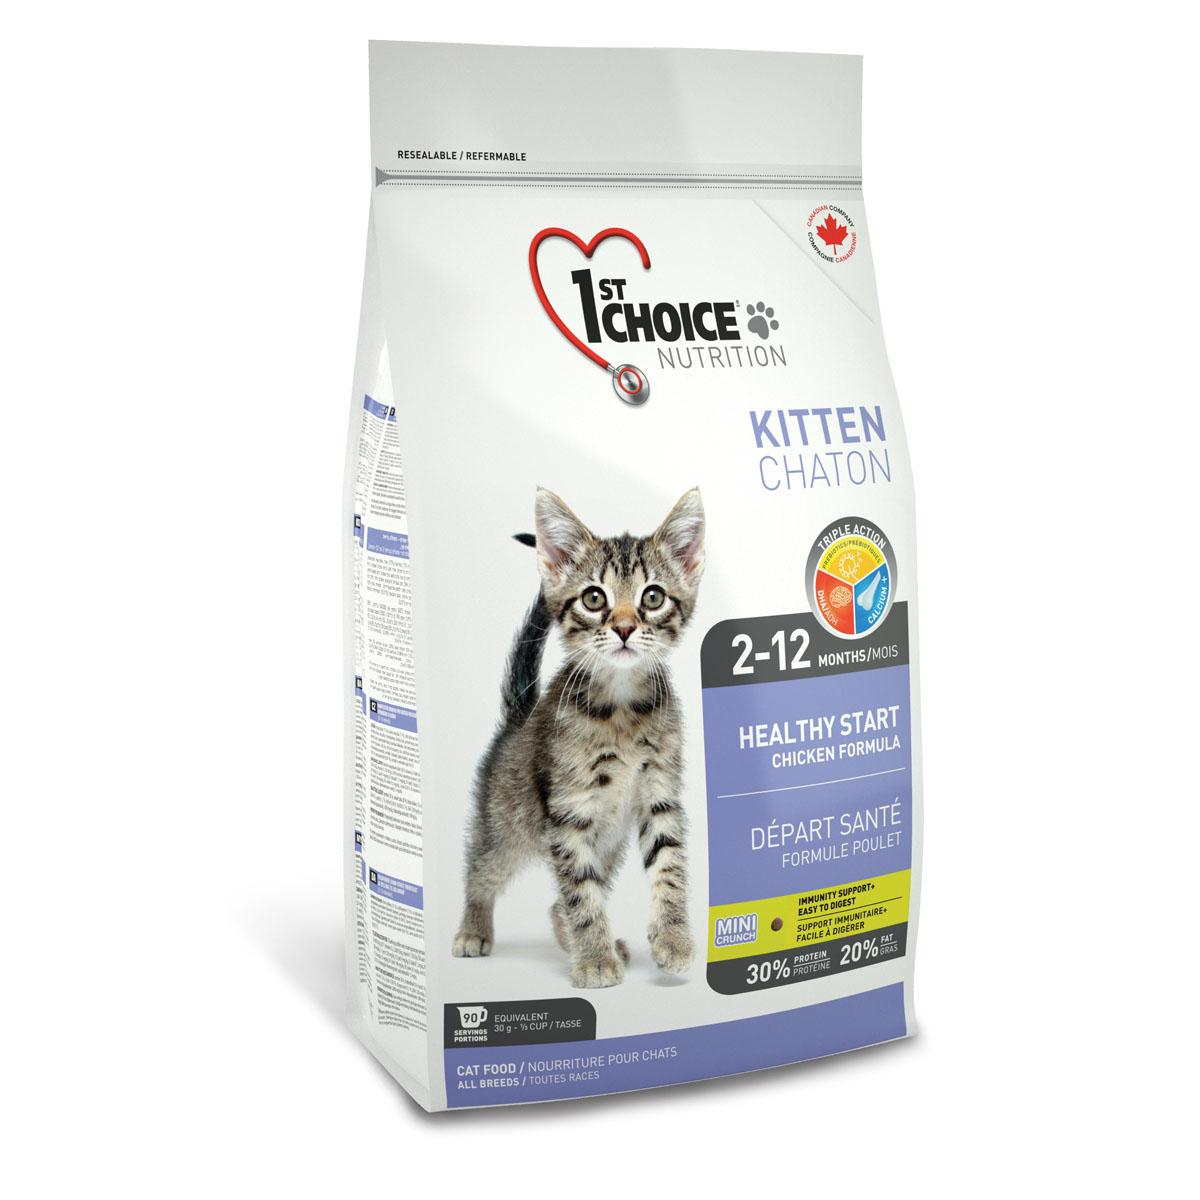 Корм сухой 1st Choice Kitten для котят, с курицей, 2,72 кг56662Сухой корм 1st Choice Kitten - идеальная формула для начального прикорма котенка с 2 месяцев, когда он нуждается в новых источниках питания вместо материнского молока. При этом нет необходимости разделять котенка с мамой. Корм содержит все необходимое не только для растущего организма, но и для беременных и кормящих кошек. Оптимальное питание для старта в здоровую жизнь. Помогает сохранить идеальную кондицию и оптимальный вес. Идеальный рН-баланс для здоровья мочевыделительной системы. Содержит экстракт юкки Шидигера, которая связывает аммиак и уменьшает запах экскрементов.Состав: свежая курица 17%, мука из мяса курицы 17%, рис, куриный жир, сохраненный смесью натуральных токоферолов (витамин Е), гороховый протеин, сушеное яйцо, мука из американской сельди (менхаден), коричневый рис, специально обработанные ядра ячменя и овса, гидролизат куриной печени, мякоть свеклы, клетчатка гороха, цельное семя льна, жир лосося (источник DHA), сушеная мякоть томата, калия хлорид, лецитин, холина хлорид, соль, кальция пропионат, кальция карбонат, экстракт дрожжей (источник маннан-олигосахаридов), таурин, натрия бисульфат, DL-метионин, экстракт цикория (источник инулина), железа сульфат, аскорбиновая кислота (витамин С), L-лизин, цинка оксид, натрия селенит, альфа-токоферол ацетат (витамин Е), никотиновая кислота, экстракт юкки Шидигера, кальция иодат, марганца оксид, D-кальция пантотенат, тиамина мононитрат, рибофлавин, пиридоксина гидрохлорид, витамин А, холекальциферол (витамин Д3), цинка протеинат, биотин, сушеная мята 0,01%, сушеная петрушка 0,01%, экстракт зеленого чая 0,01%, марганца протеинат, витамин В12, кобальта карбонат, фолиевая кислота, меди протеинат. Гарантированный анализ: сырой протеин мин. 30%, сырой жир мин.20%, сырая клетчатка макс. 3,5%, влага макс. 10%, зола макс. 9%, кальций мин. 1,1%, фосфор мин. 0,9%, марганец макс. 0,1%, таурин 2300 мг/кг, витамин А мин. 34 000 МЕ/кг, витамин Д3 мин. 2 000 МЕ